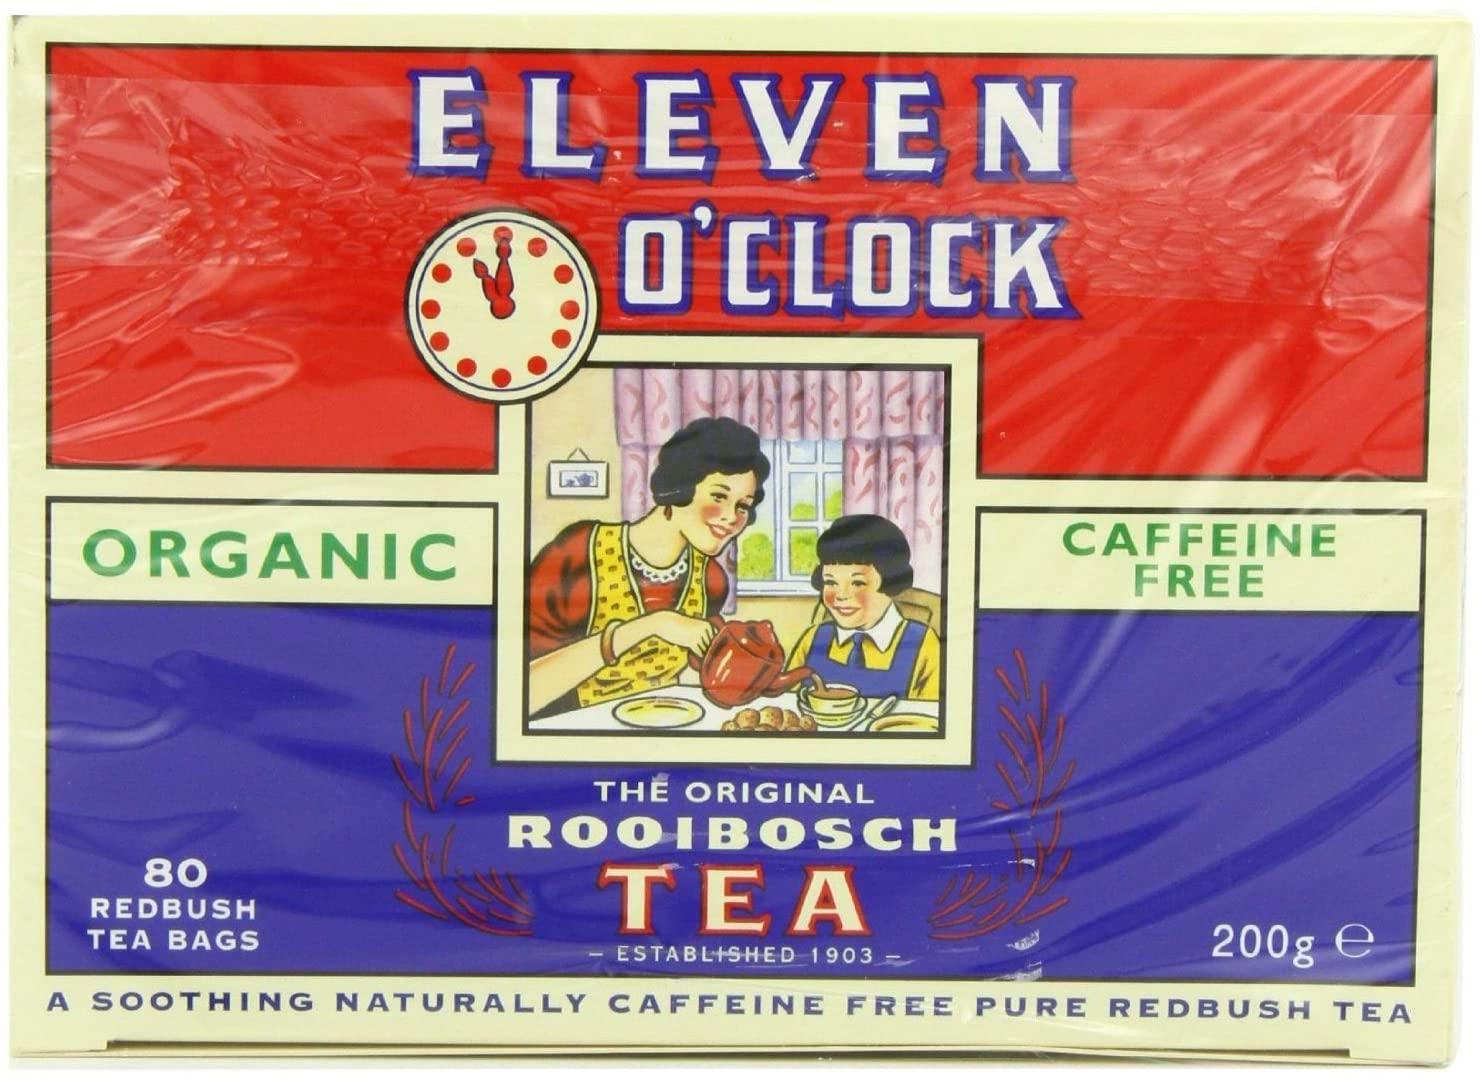 Eleven O'Clock Tea Organic Rooibosch Tea, 80 Tea Bags - £3.49 Prime / +£4.49 non Prime @ Amazon